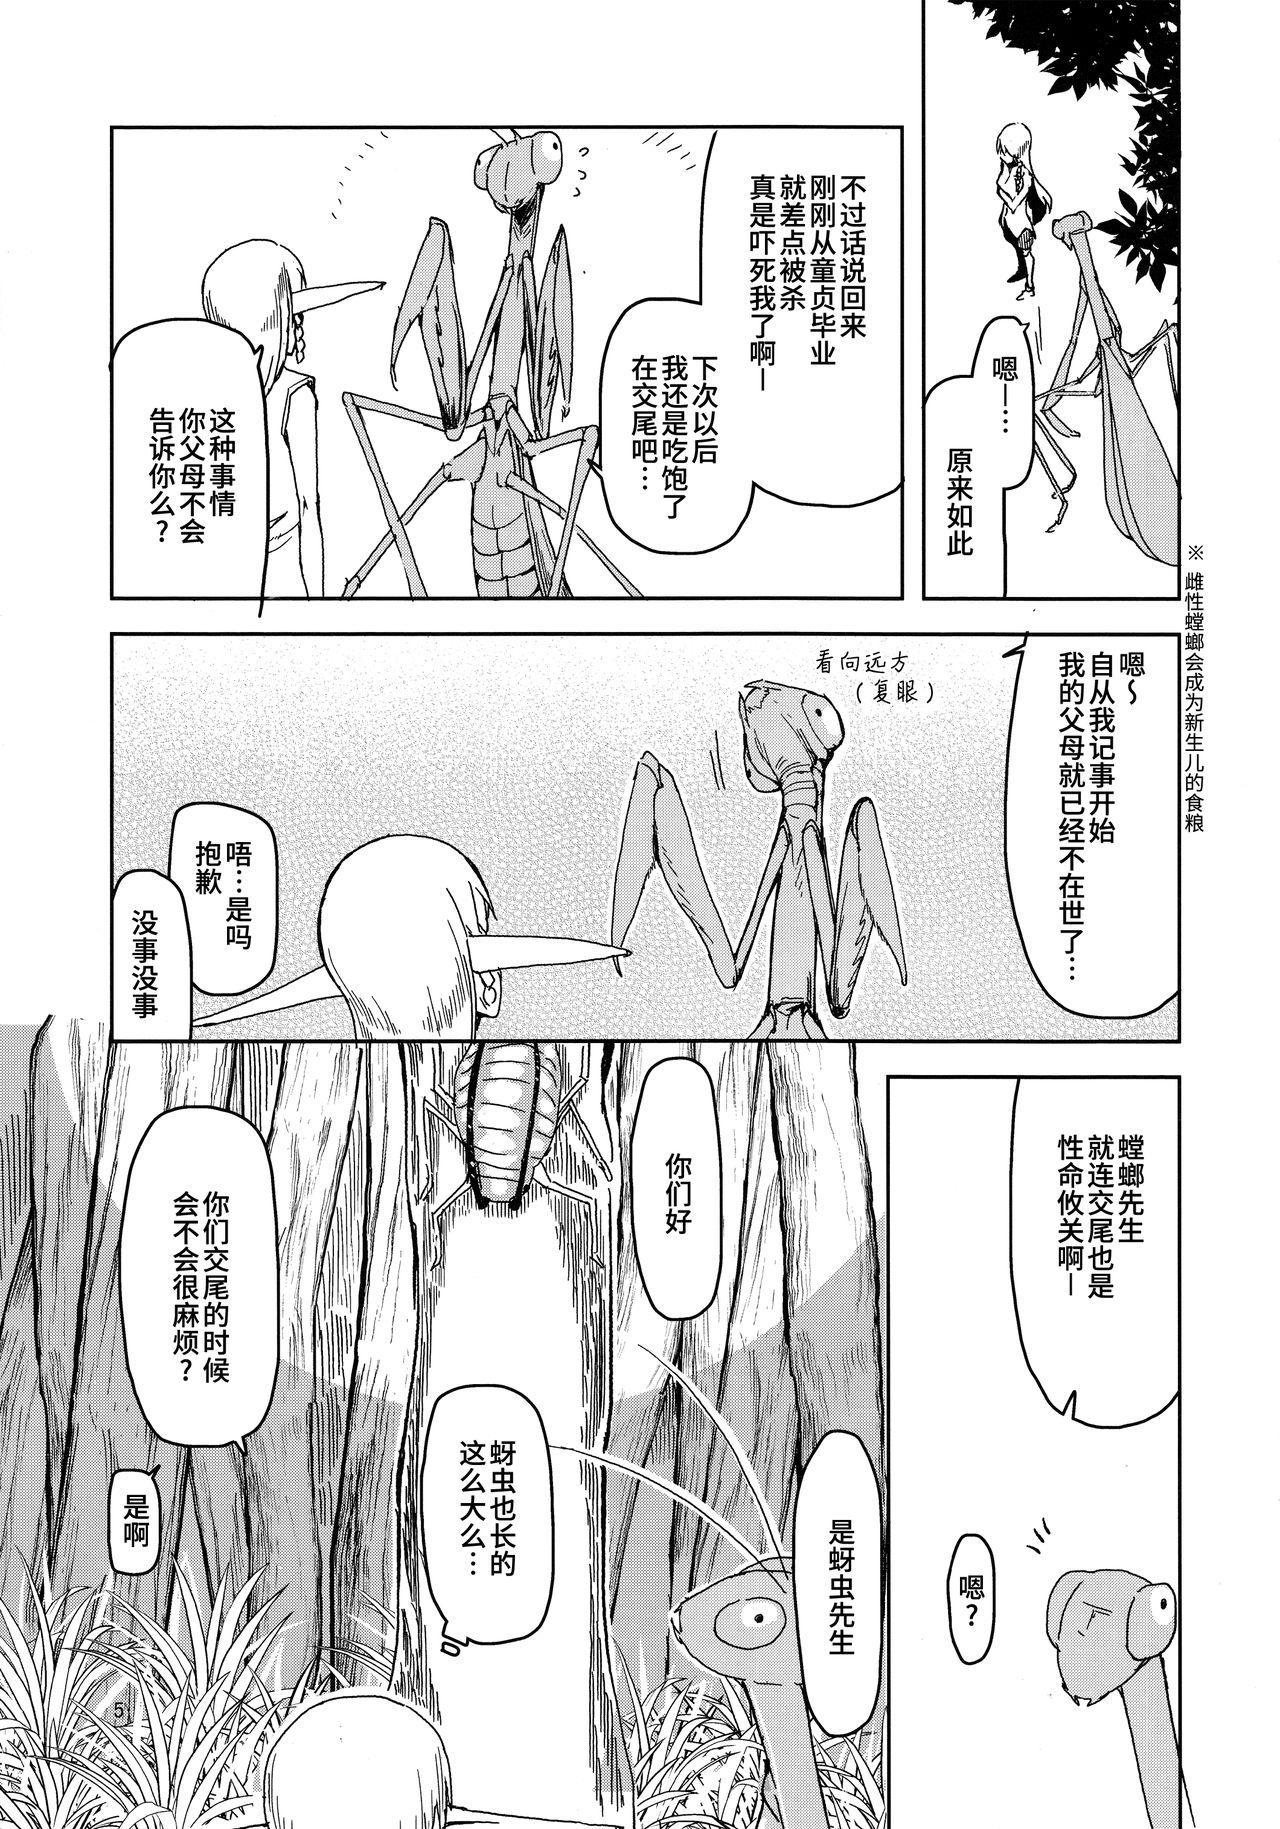 Dosukebe Elf no Ishukan Nikki 5 5